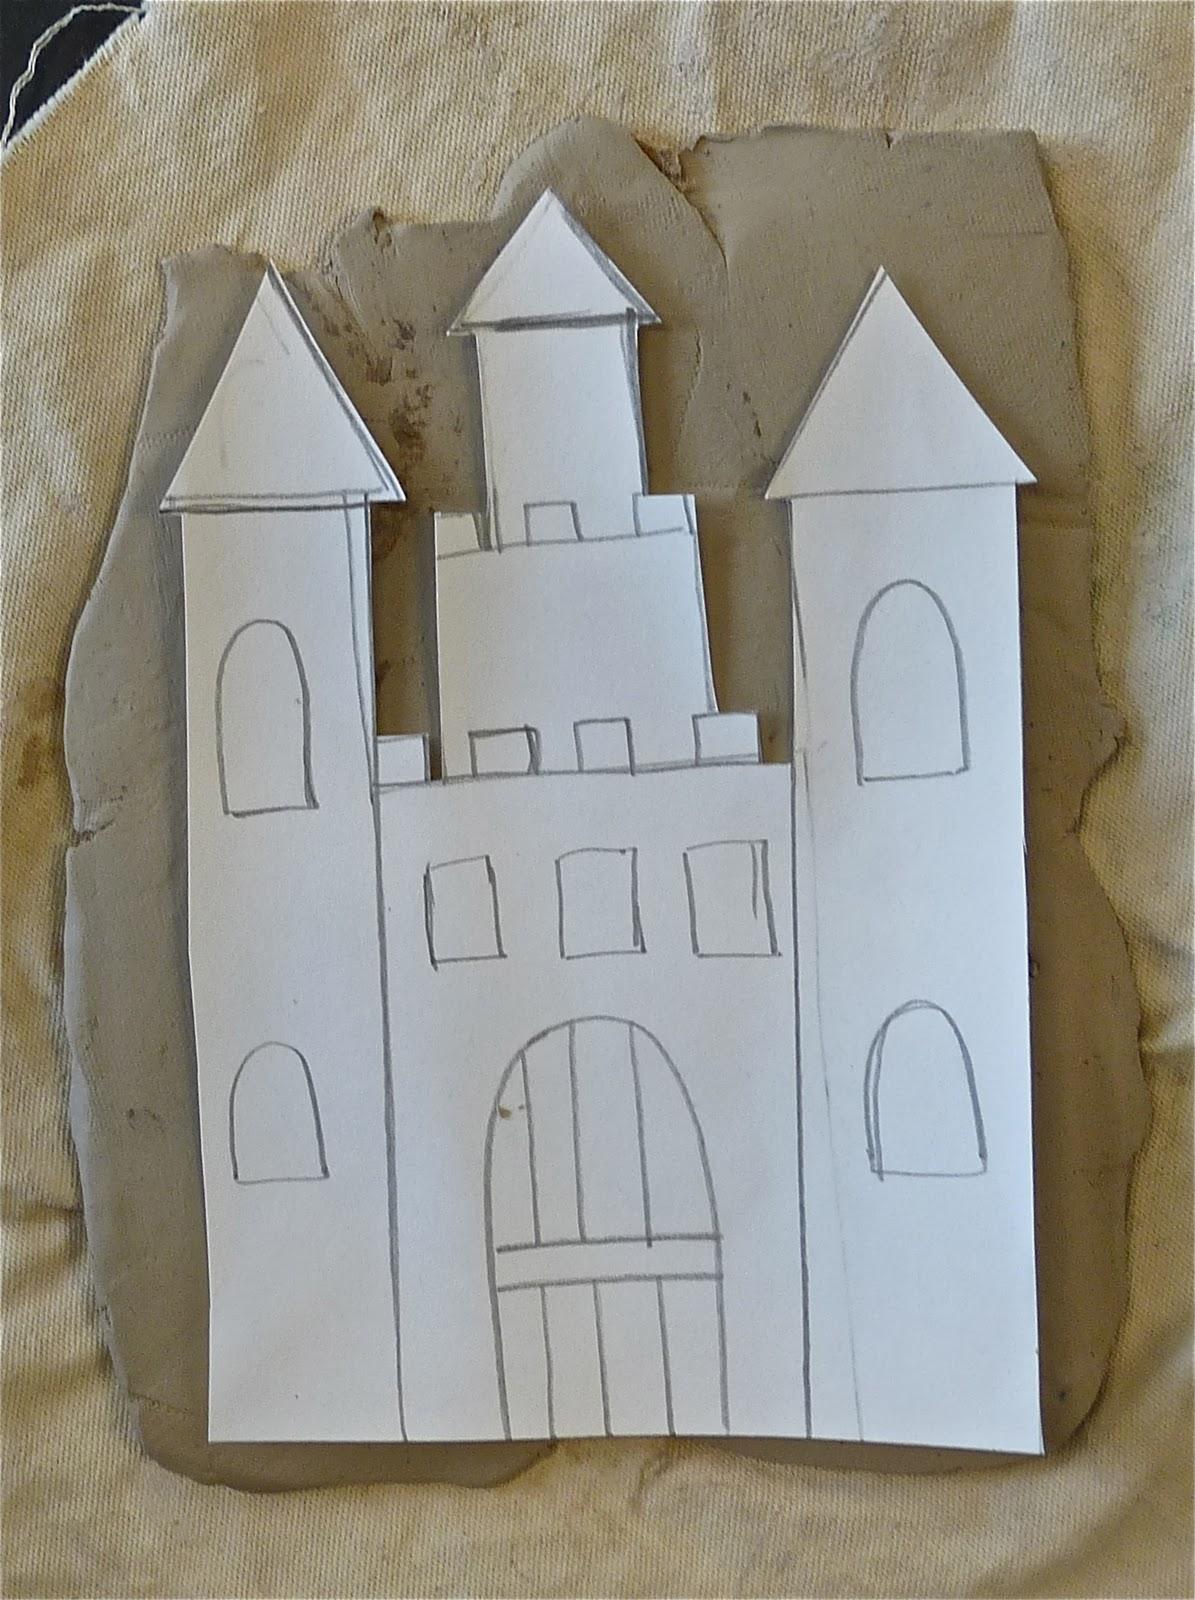 art. paper. scissors. glue!: ceramic slab castles